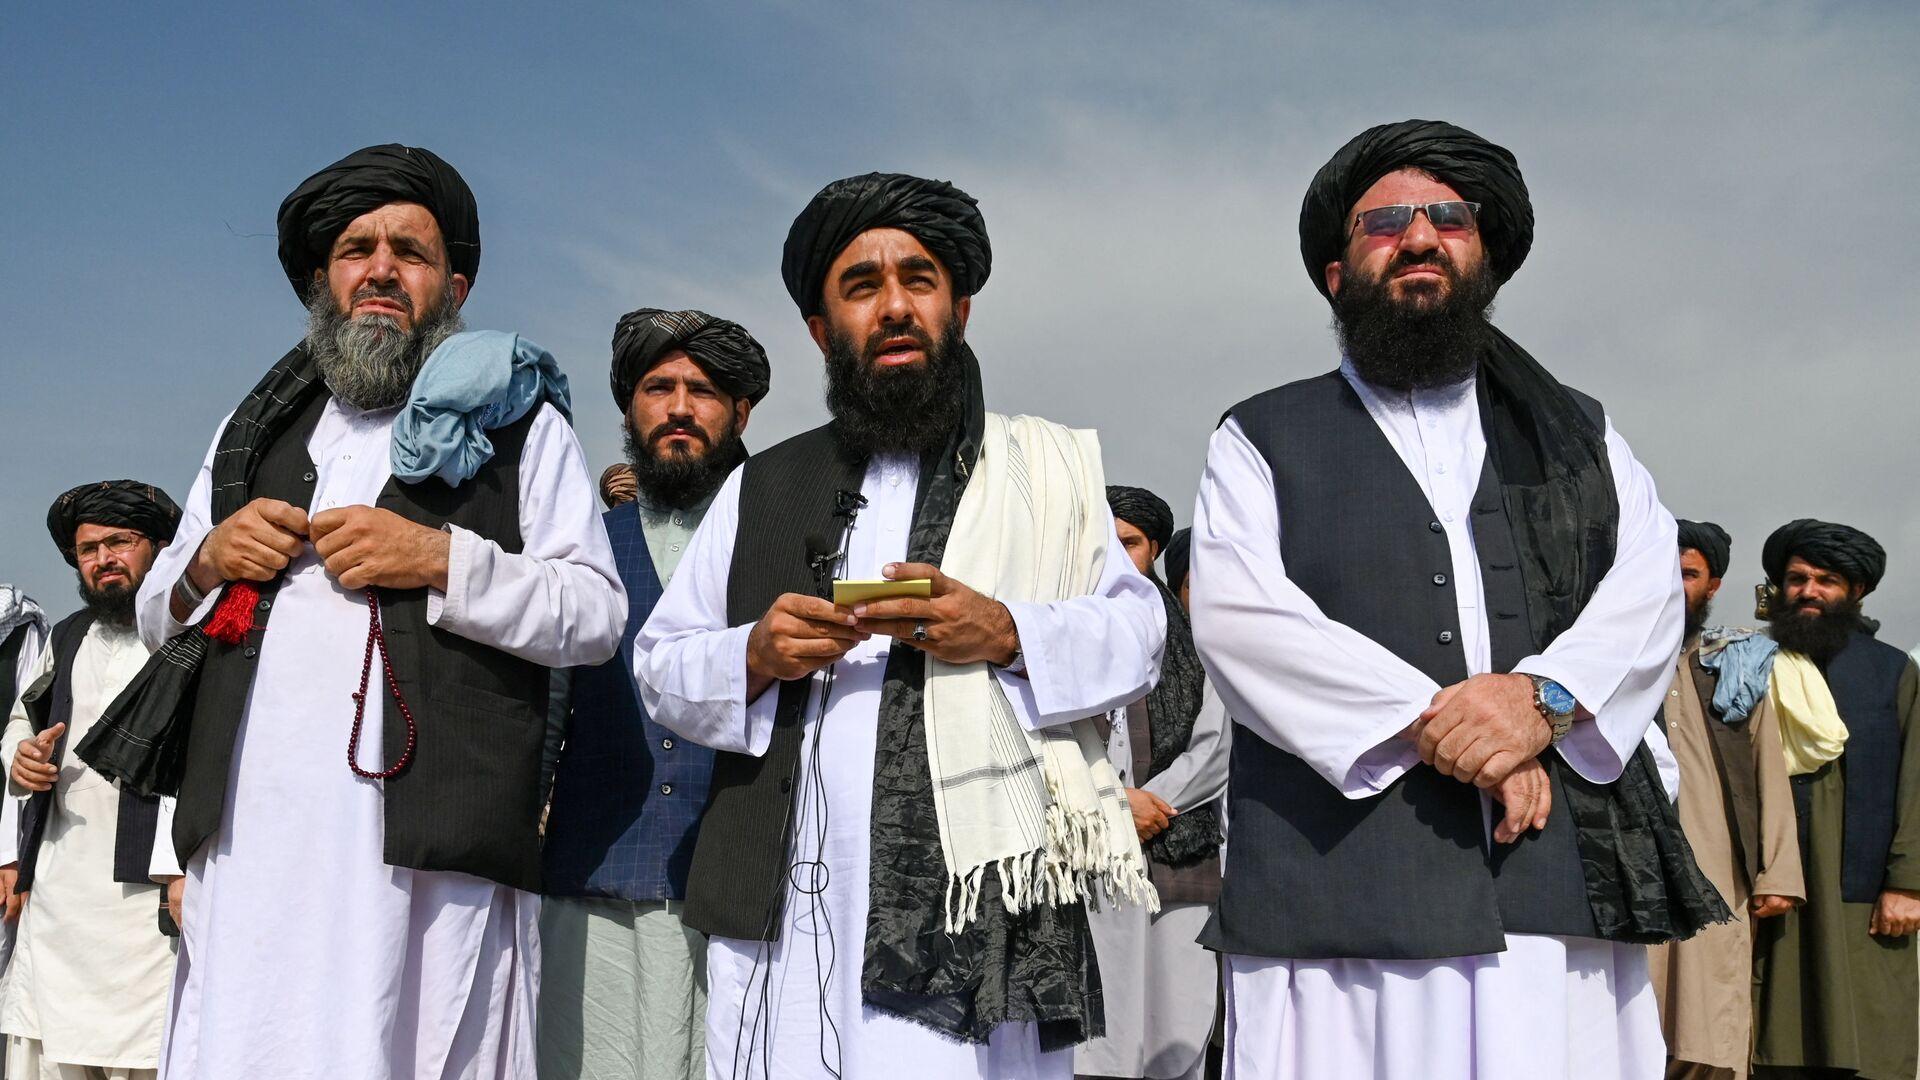 Представители движения Талибан (террористическая группировка, запрещеннфая в РФ) в Кабуле, фото из архива - Sputnik Azərbaycan, 1920, 16.09.2021